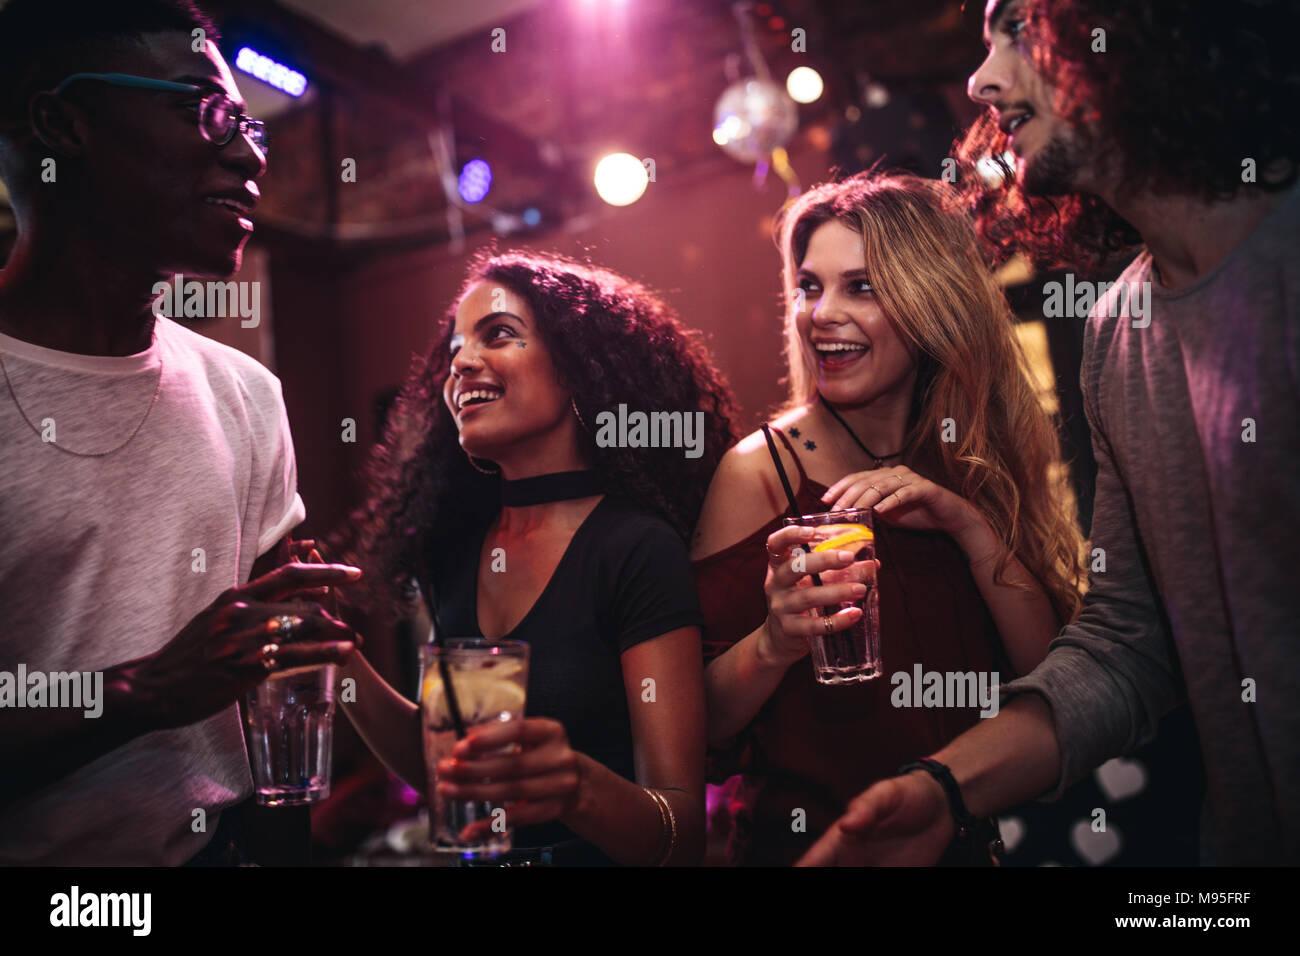 Groupe varié de jeunes avec un verre dans un club. Heureux les hommes et les femmes bénéficiant d'nightout à bar. Photo Stock